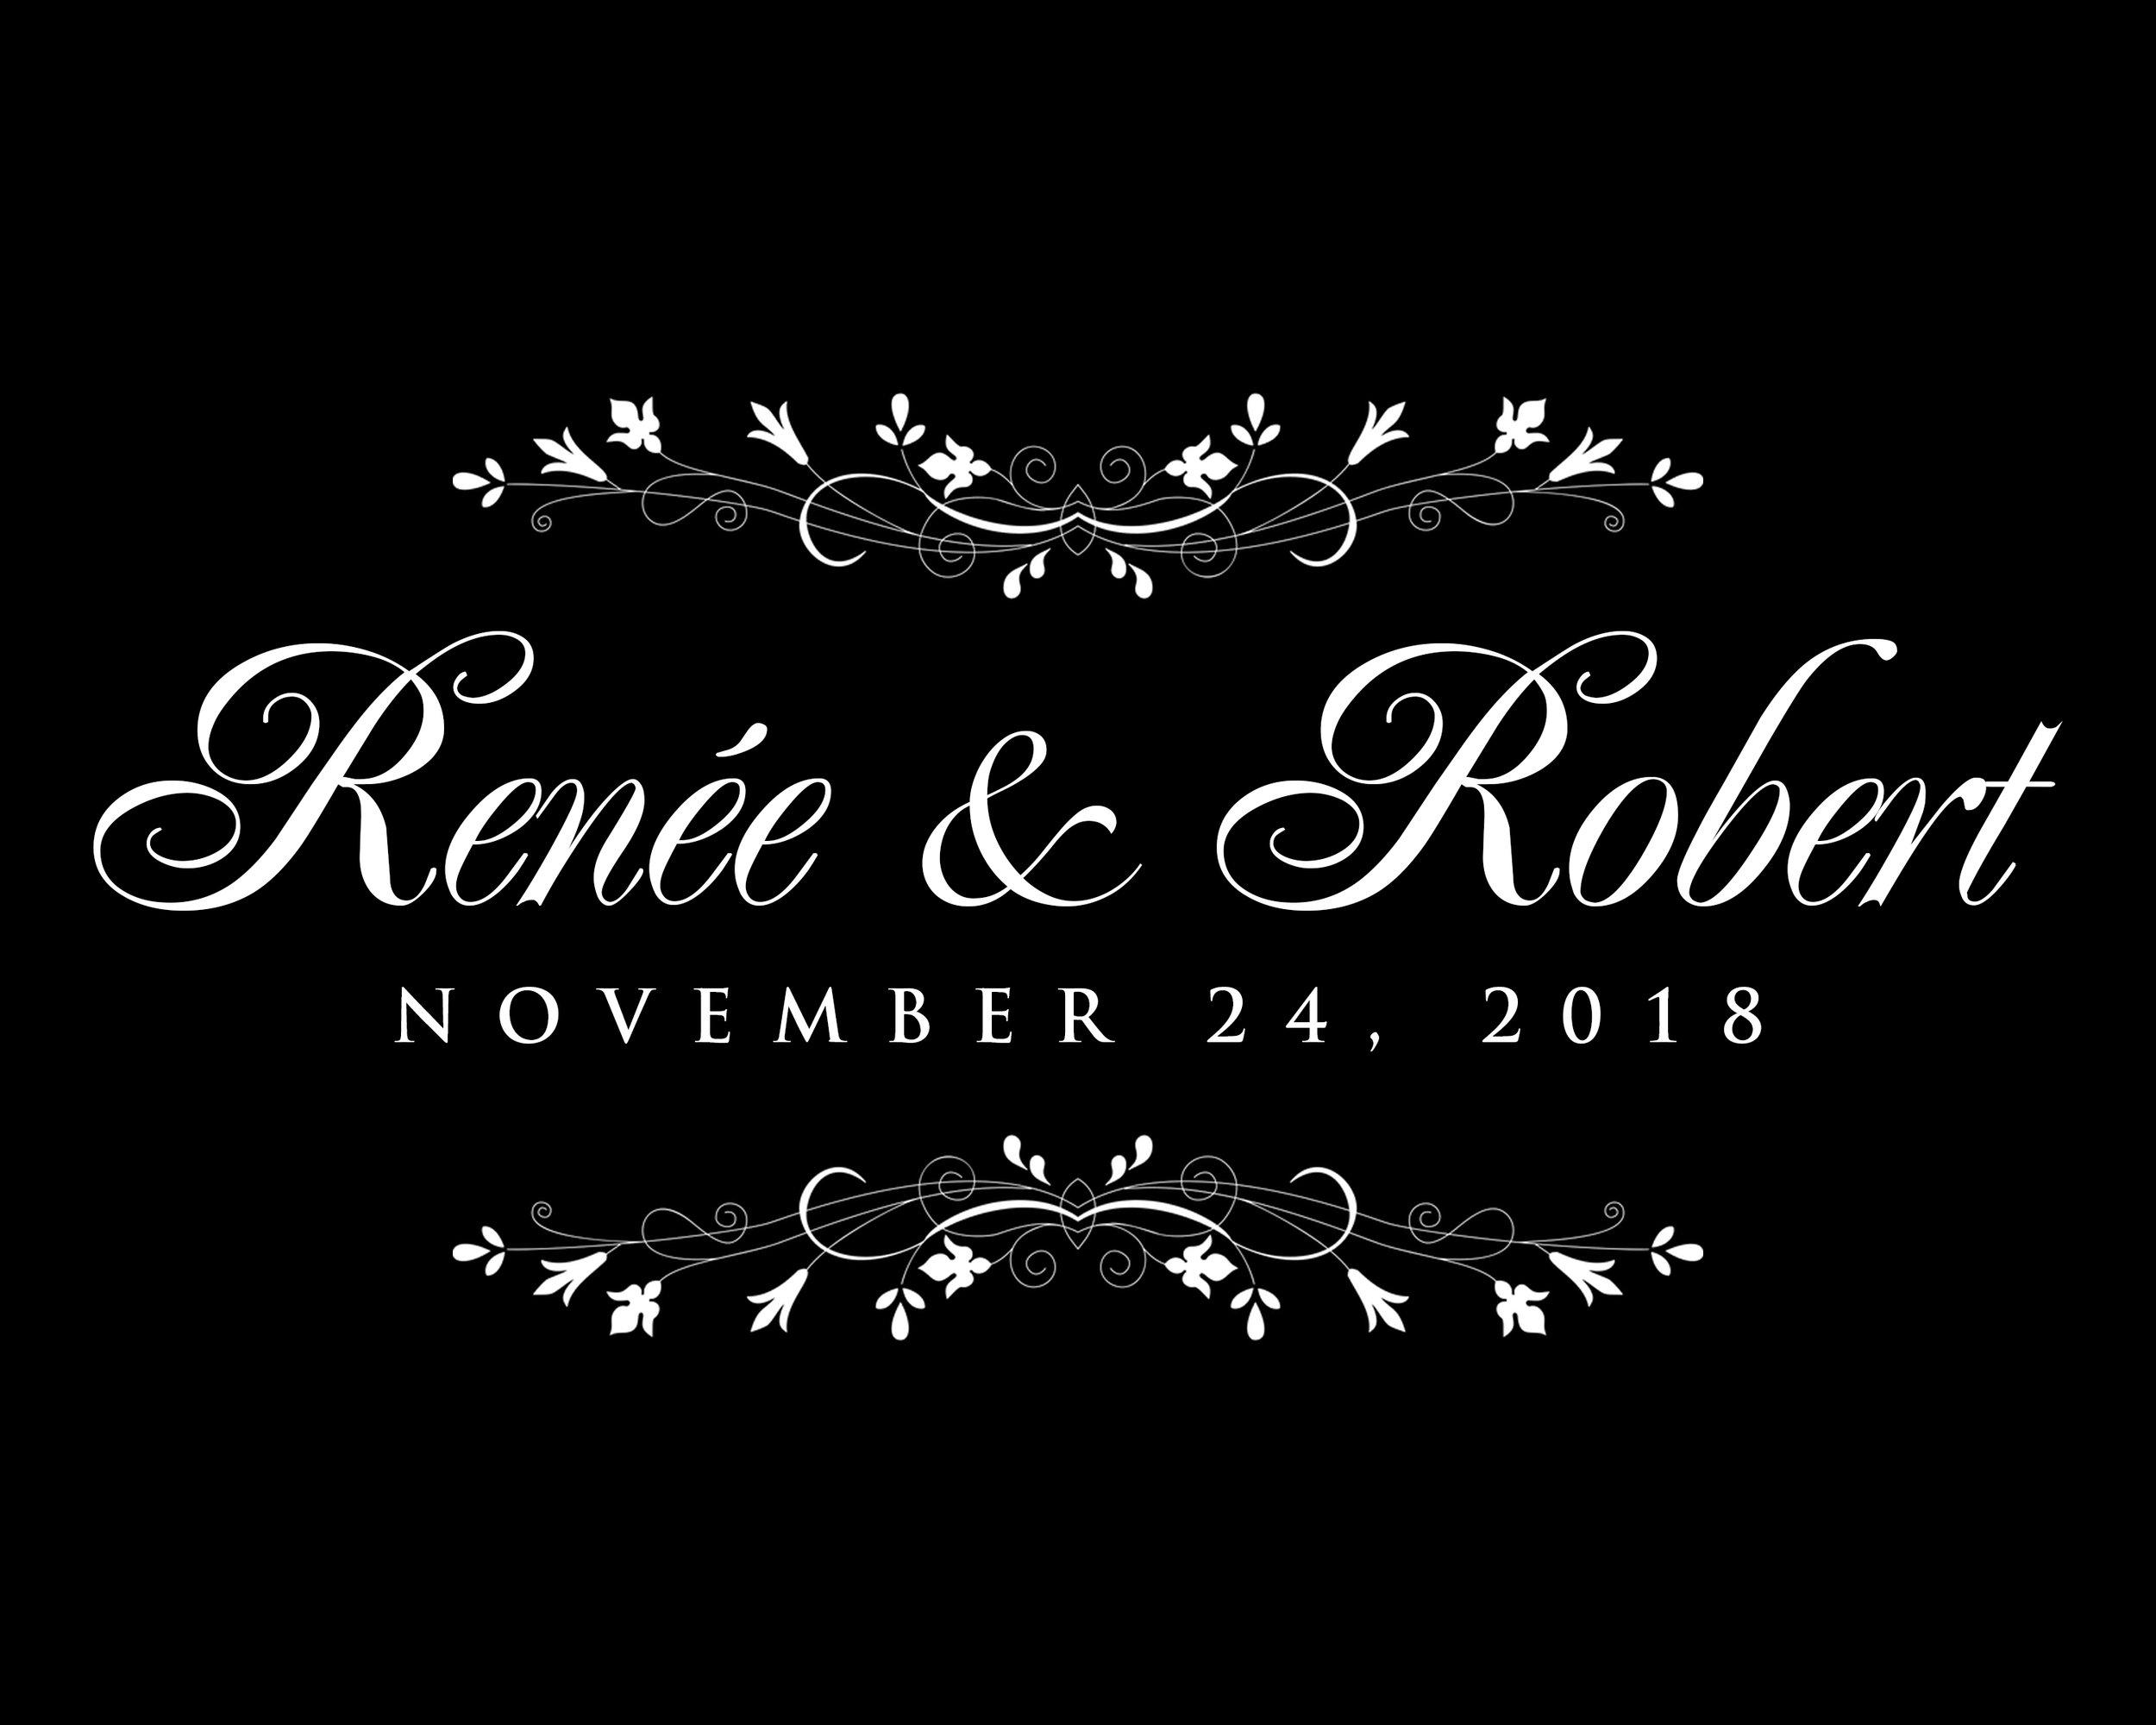 Renee Robert Projector.jpg